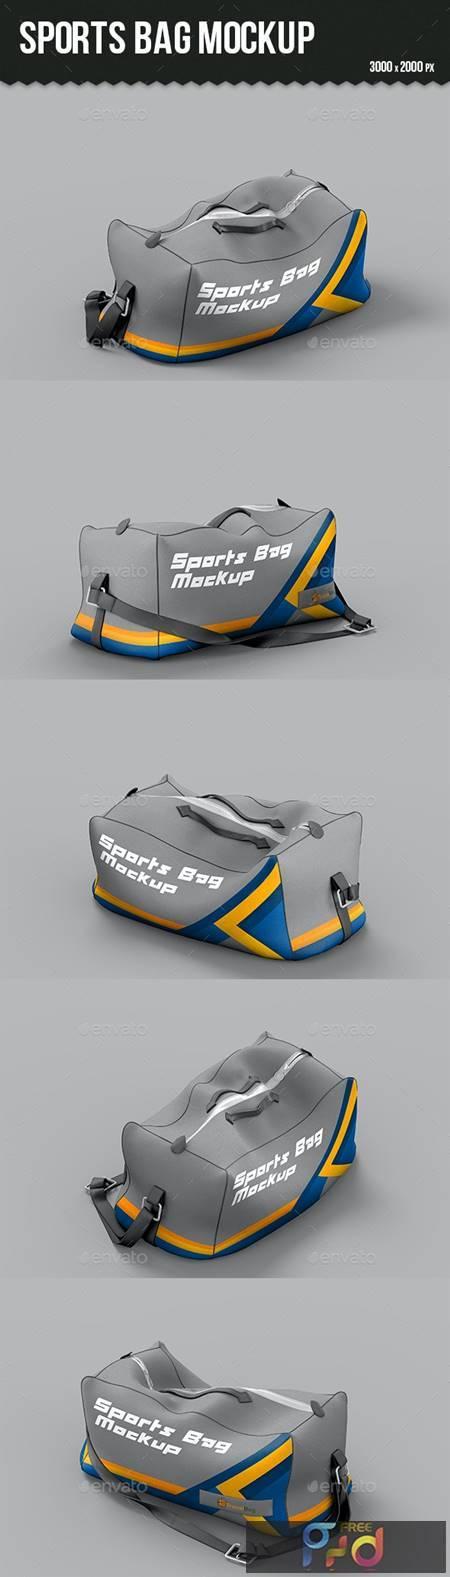 Sports Bag Mockup 25691137 1